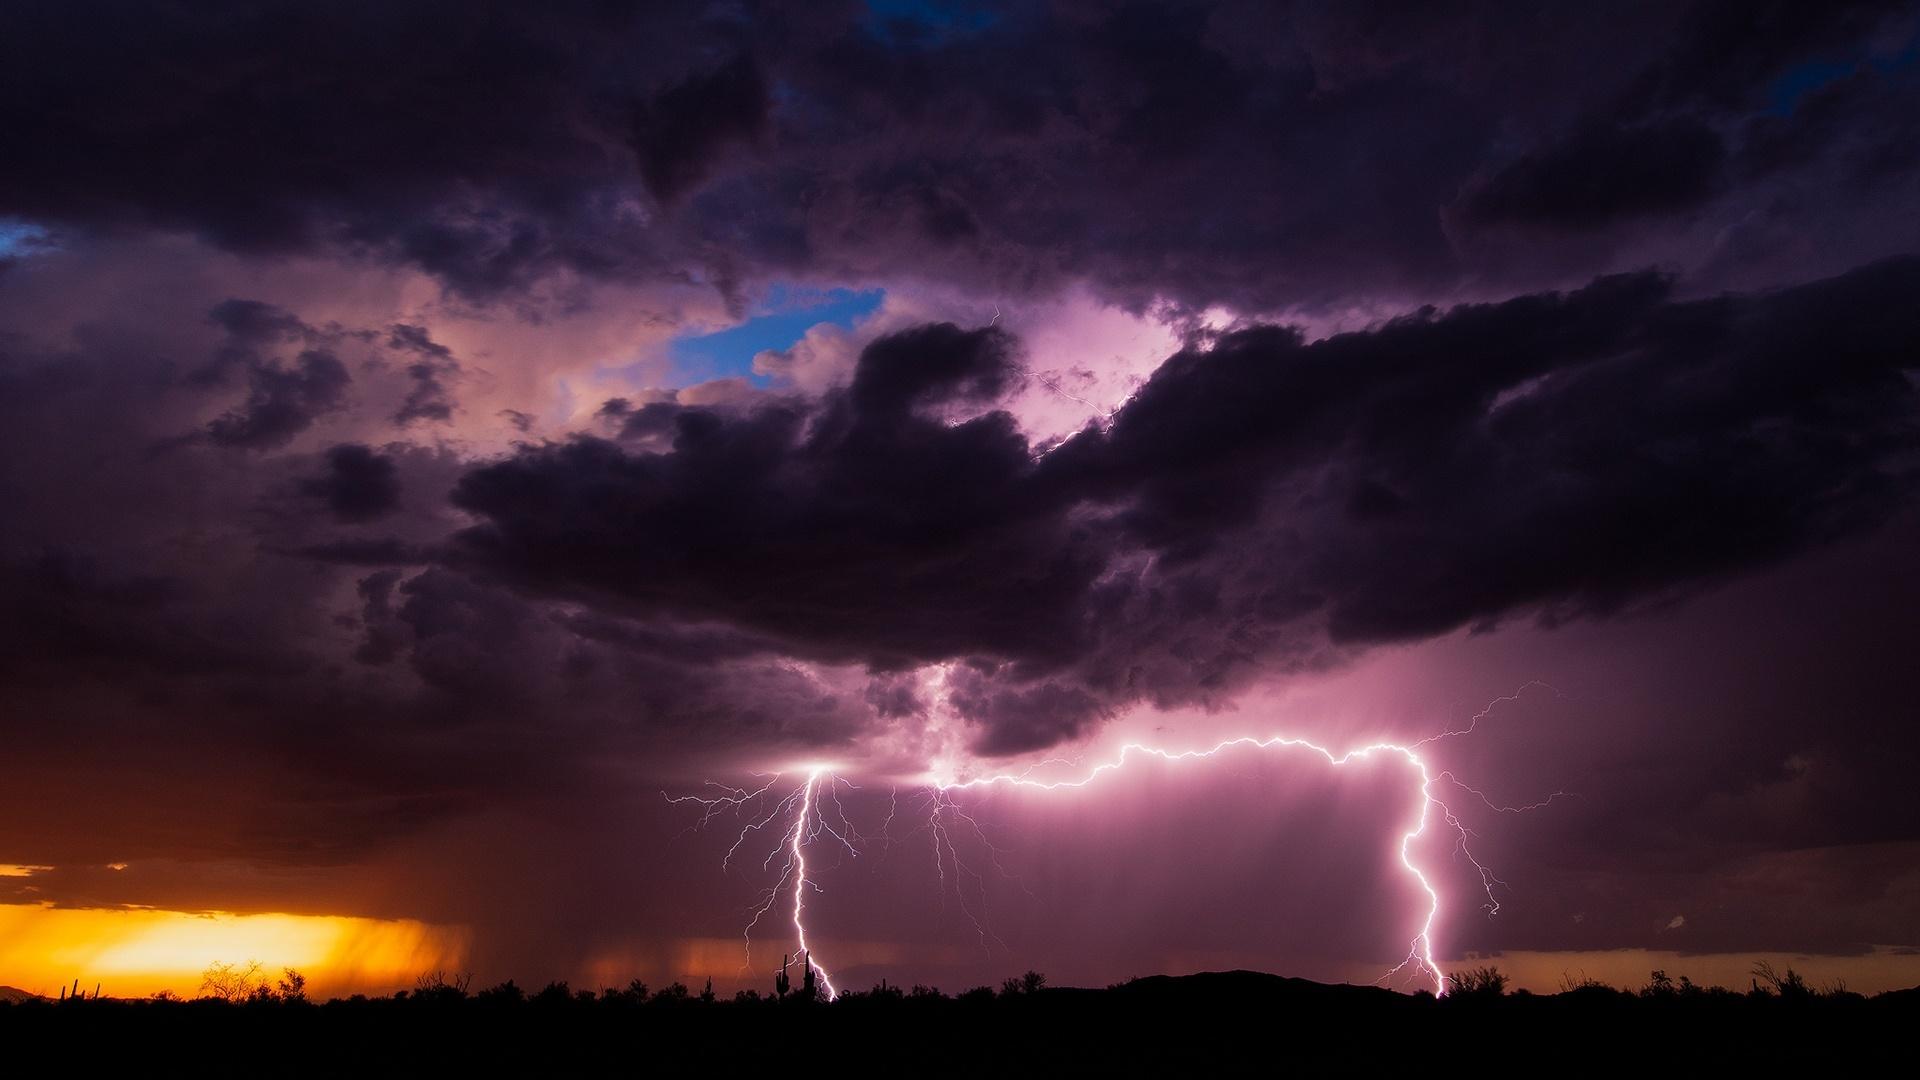 Lightning strikes near Vicksburg wallpaper